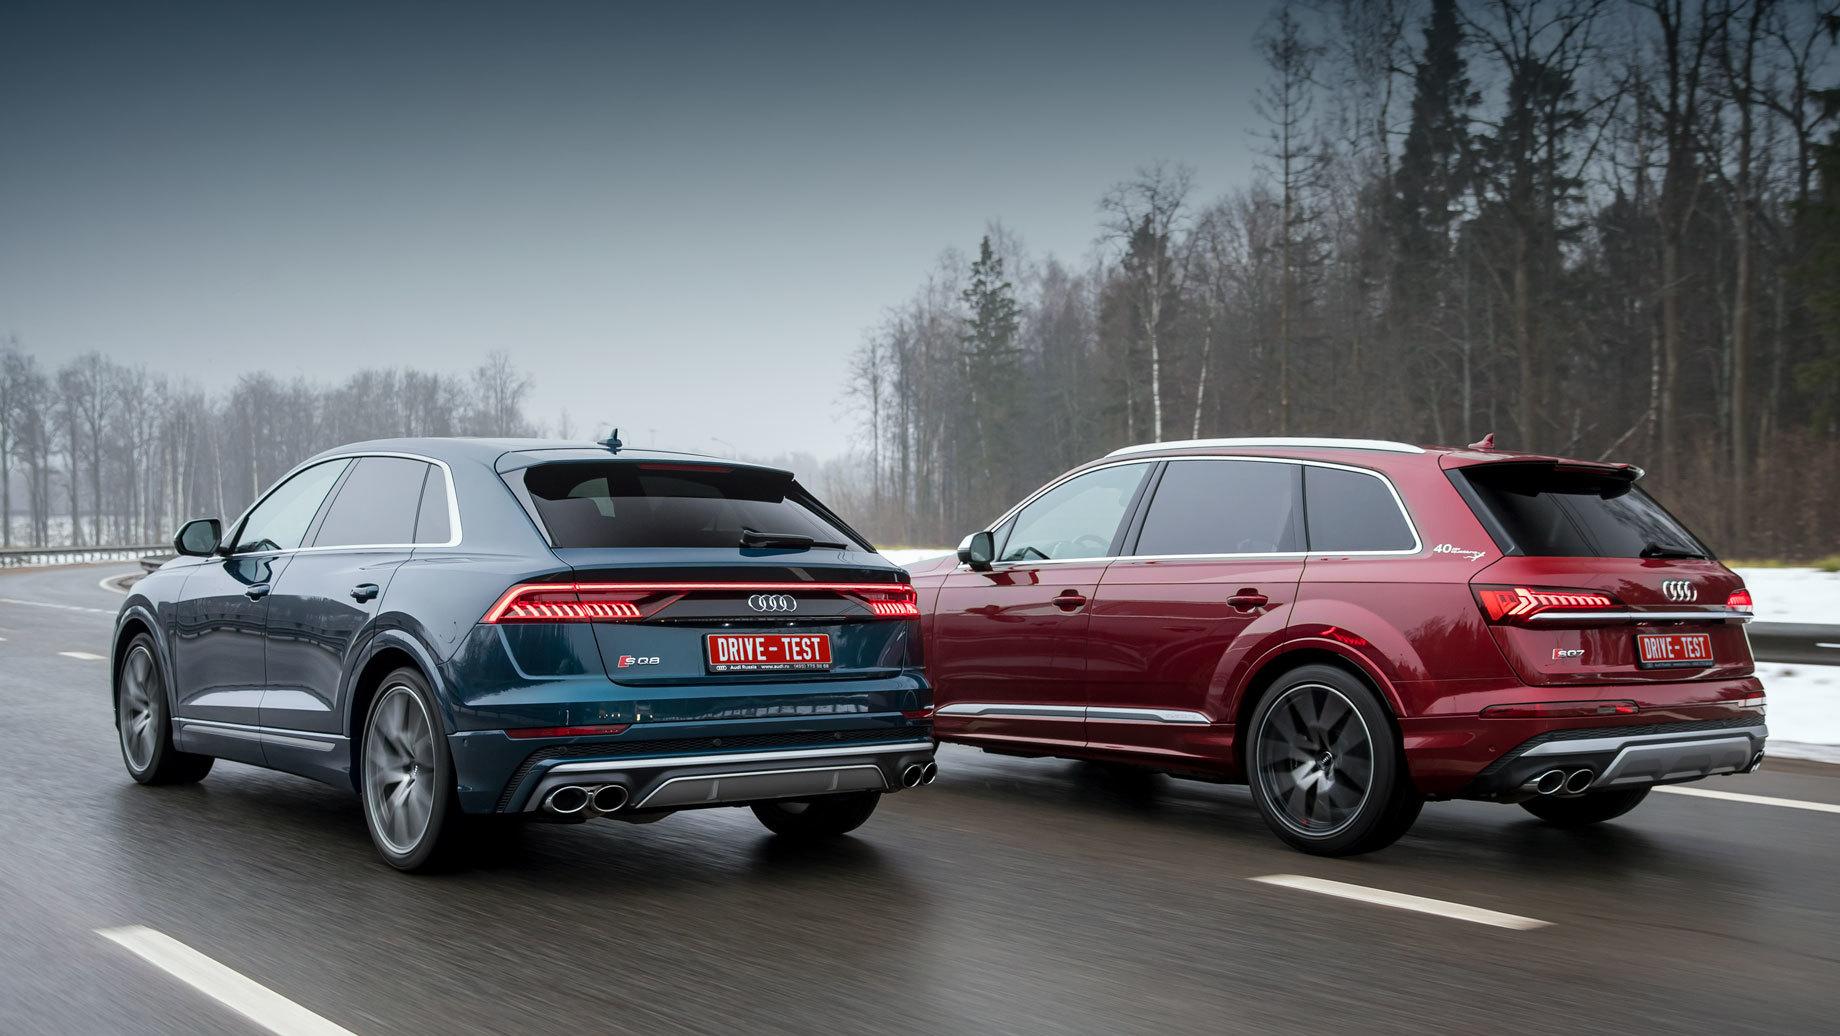 Audi sq7,Audi sq8. Имиджевый хэтчбек «в базе» на 150 000 рублей дороже универсала за 7,2 млн. Шины шириной 285 мм потребовали установки дополнительных сертификационных накладок на крылья универсала, а SQ8 они не нужны.